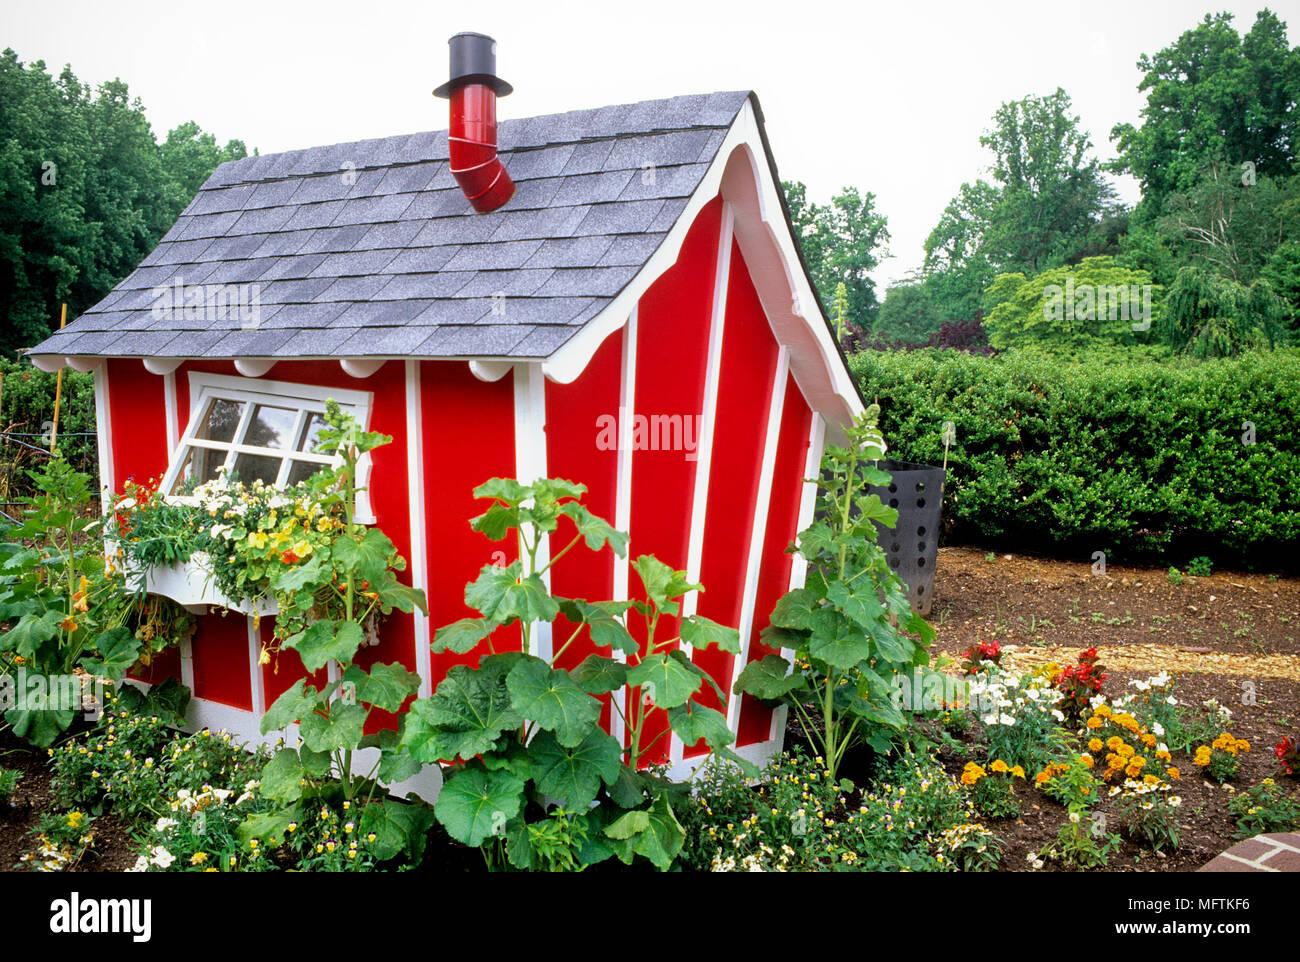 Casa Con Juegos Infantiles Y Helainthus Tropaeolum Majus Foto - Casa-de-juegos-infantiles